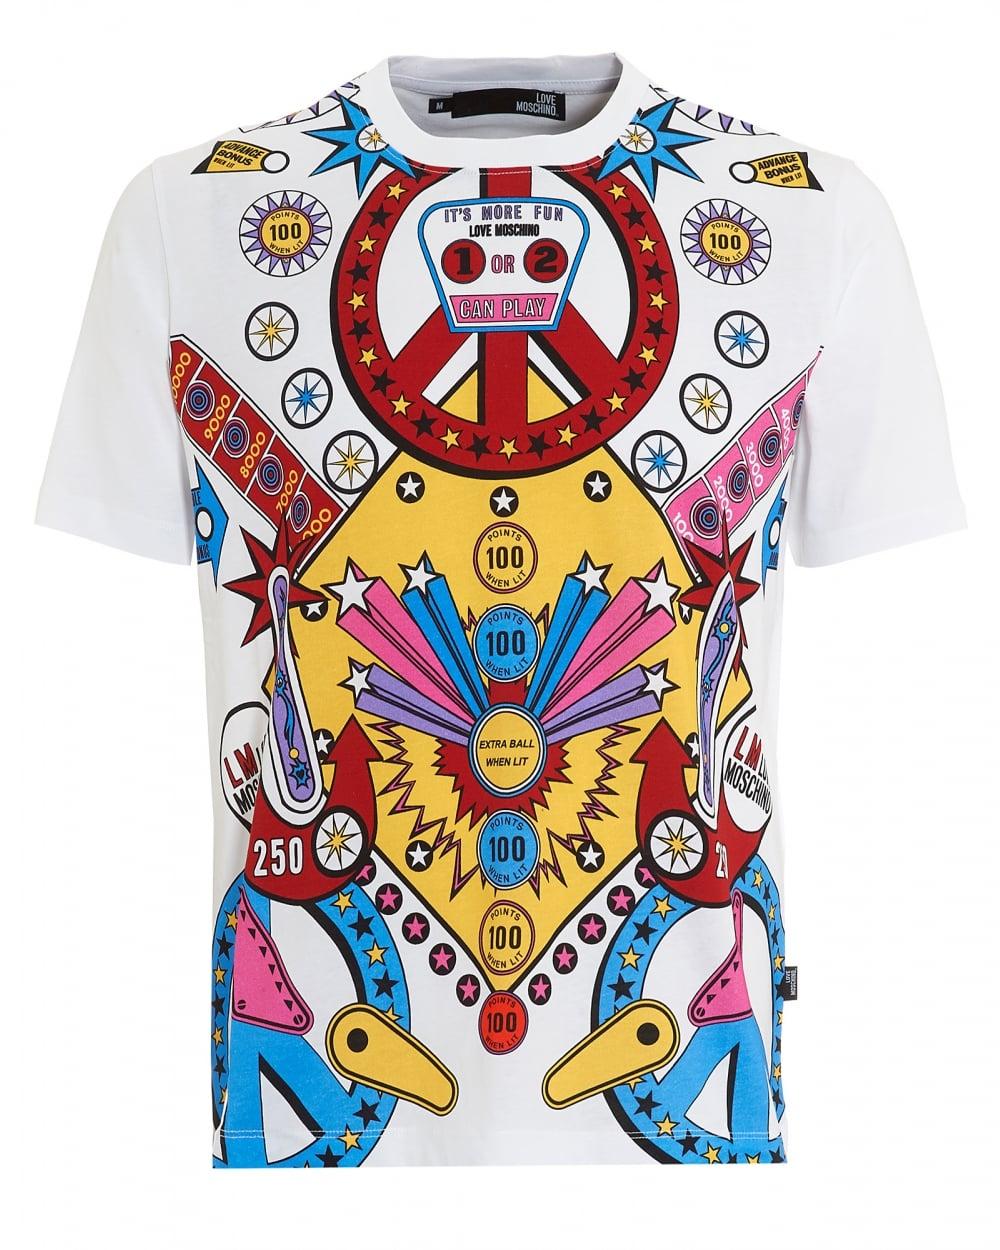 Love Moschino Mens Pinball T Shirt Graphic Print Regular